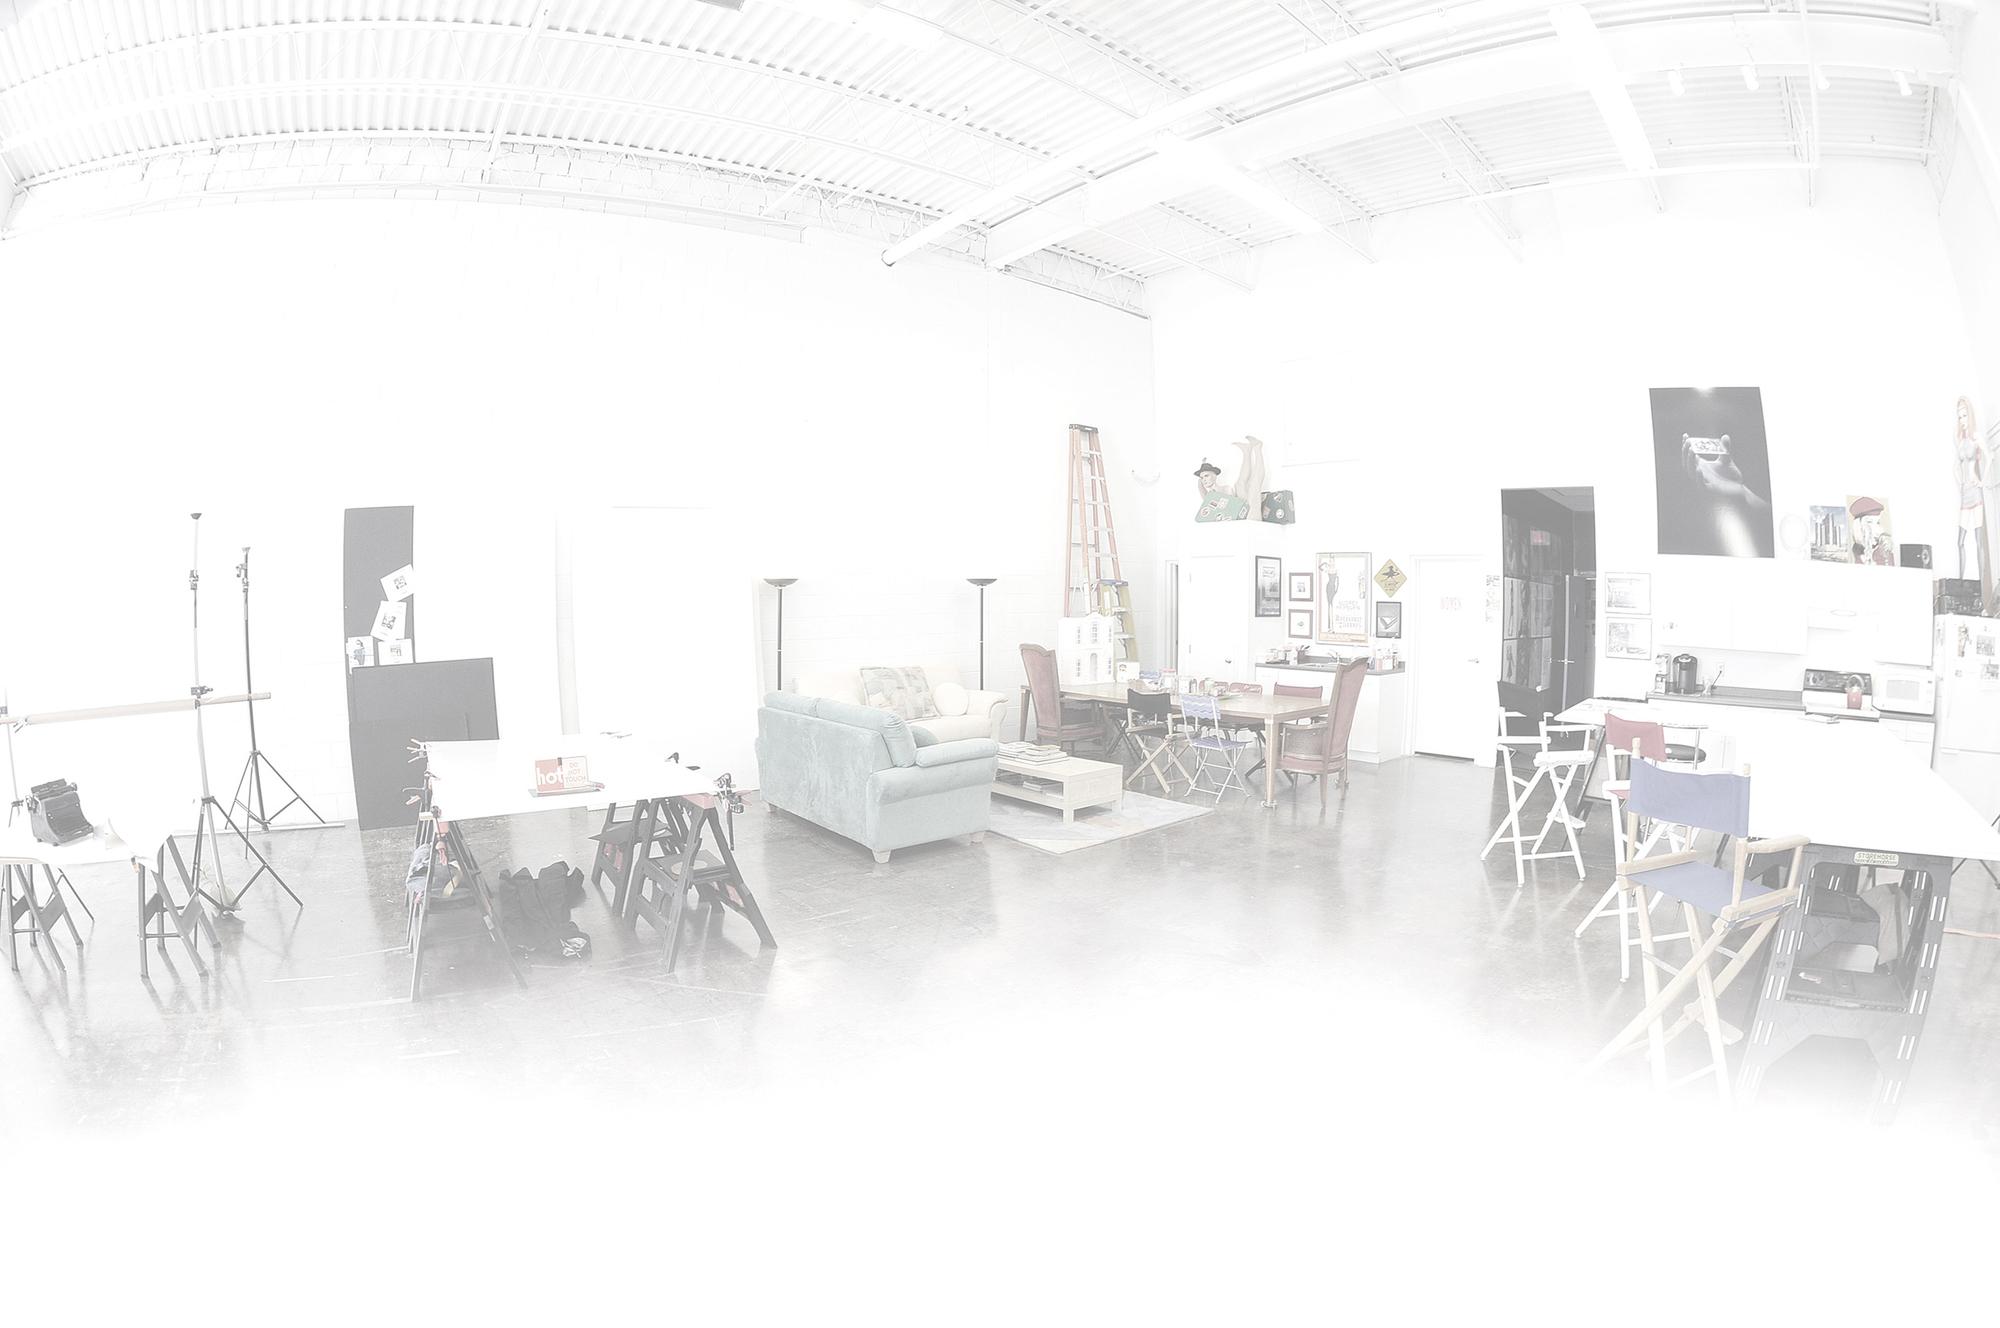 Studio_DSC9927_v2.jpg